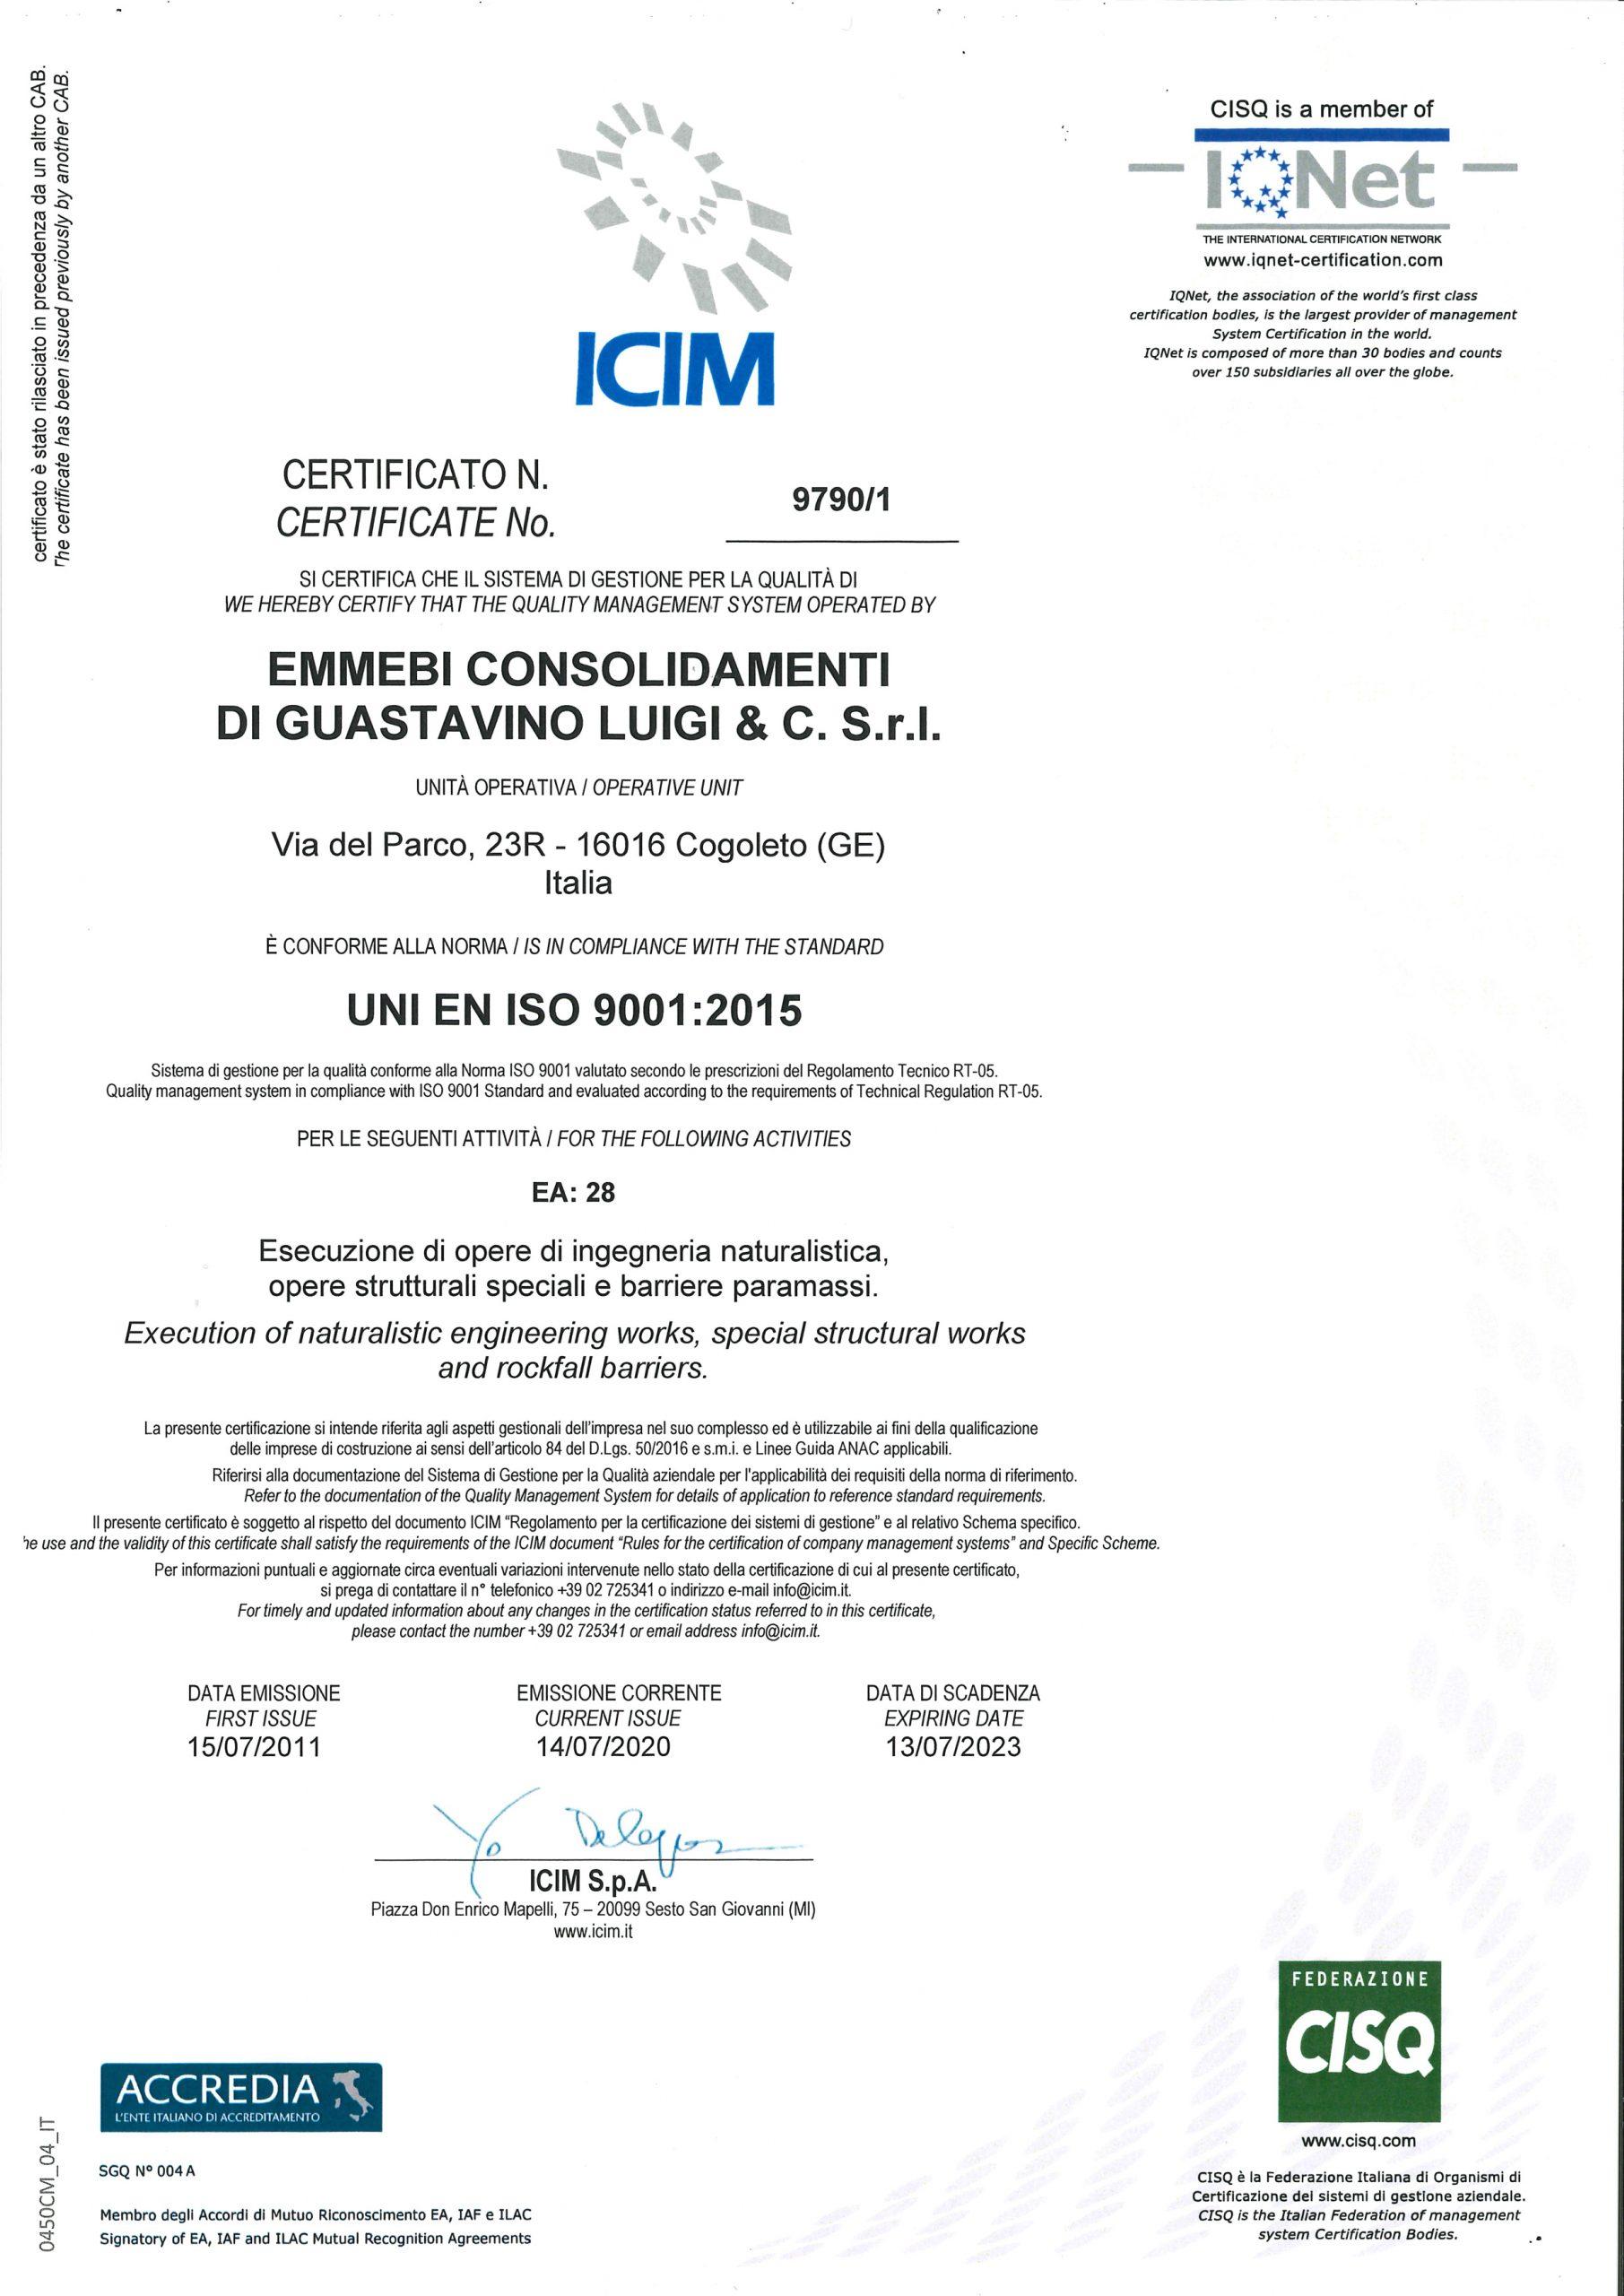 Attestato qualità 2020 ICIM